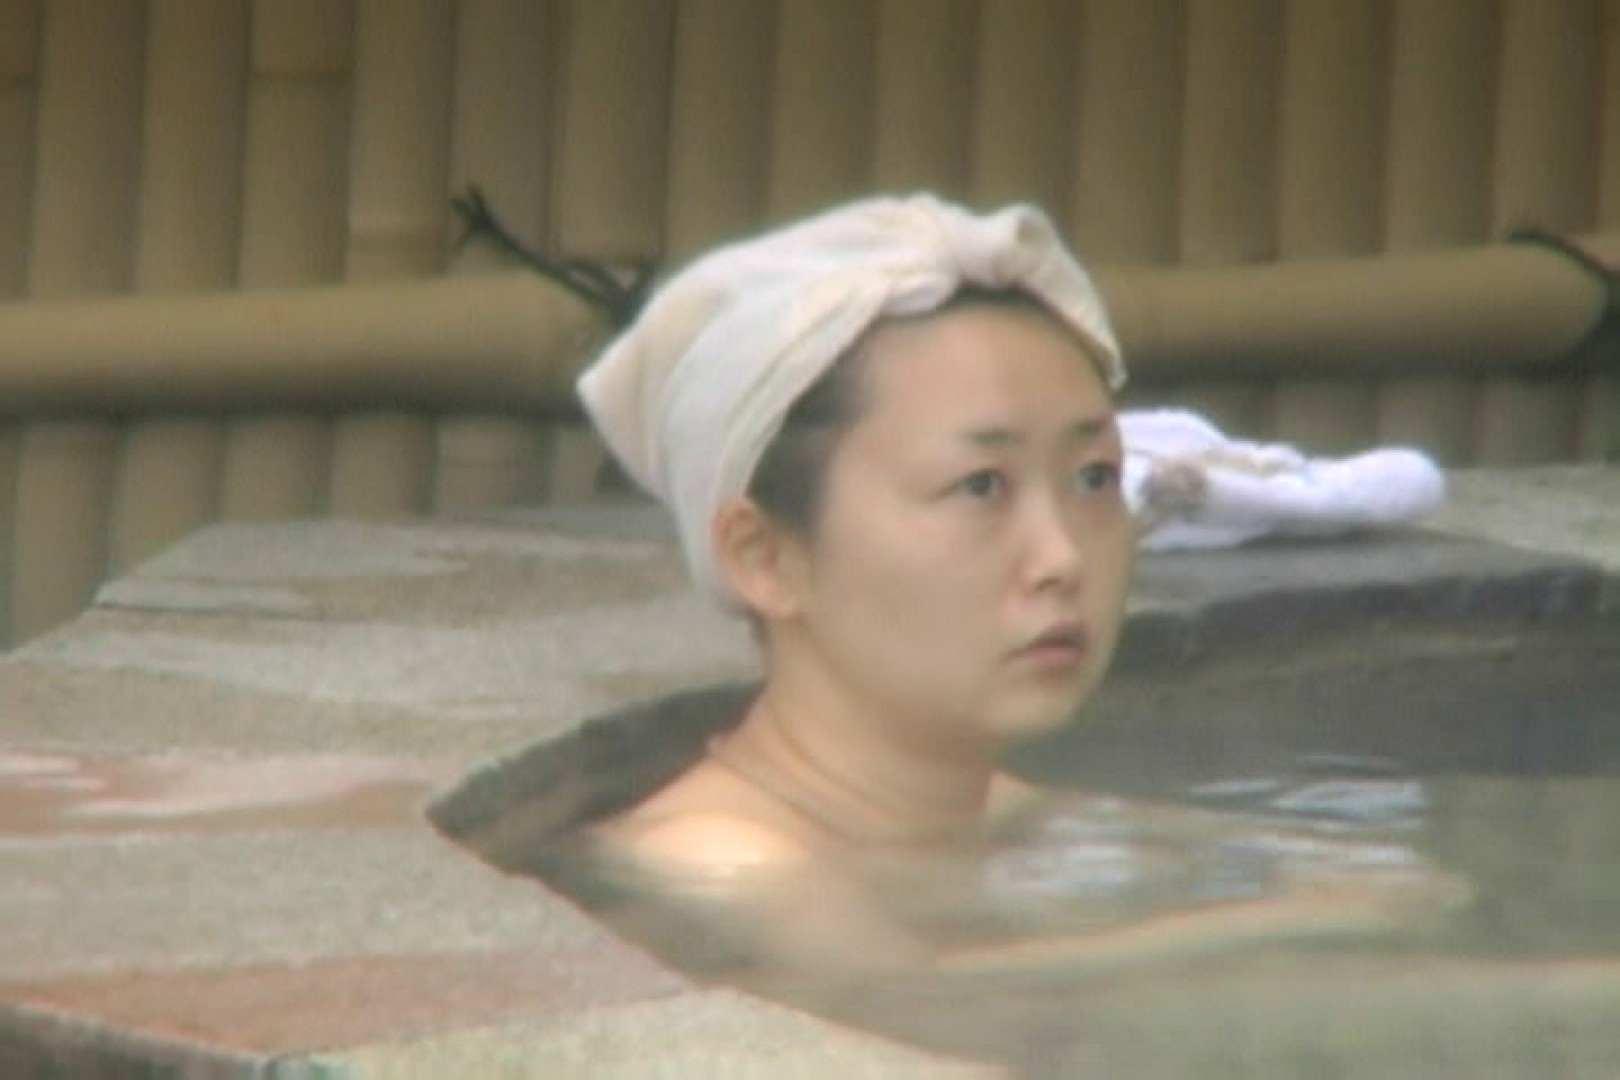 Aquaな露天風呂Vol.564 美しいOLの裸体  100pic 30